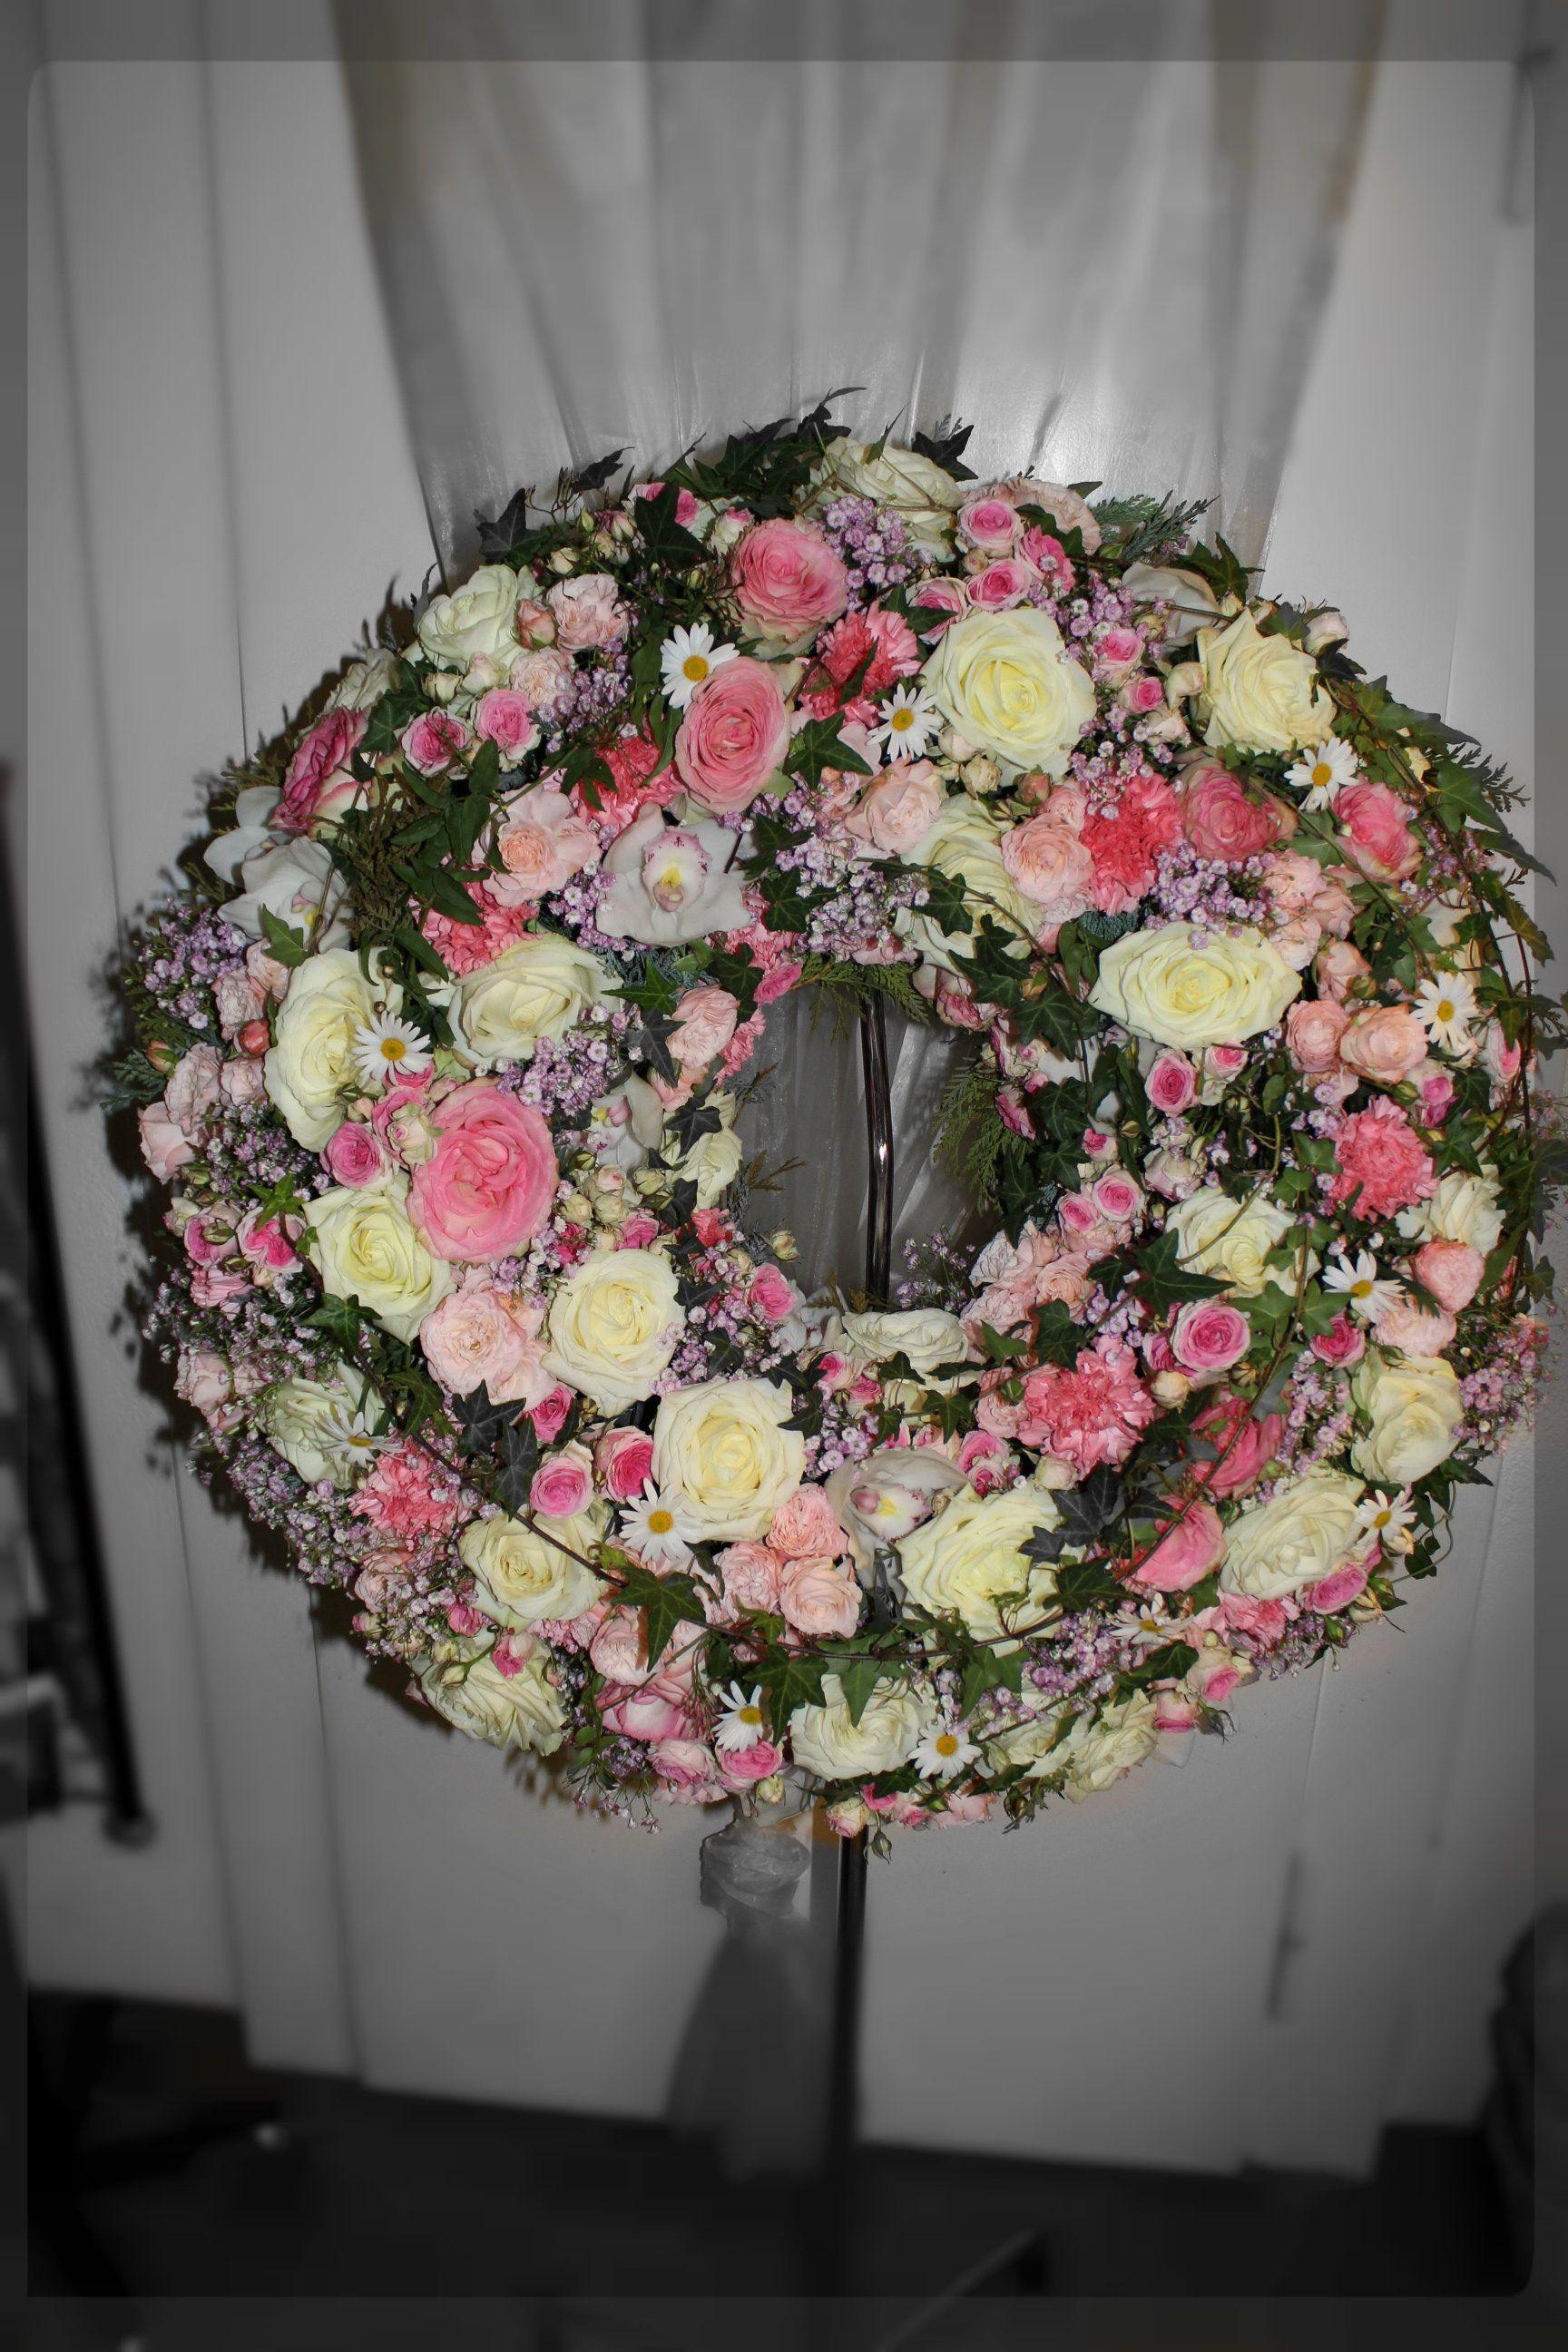 Blumenkranz in rosa weiss fr Beerdigung  Blumige Trauerkrnz  Pinterest  Blumen Blumenkranz